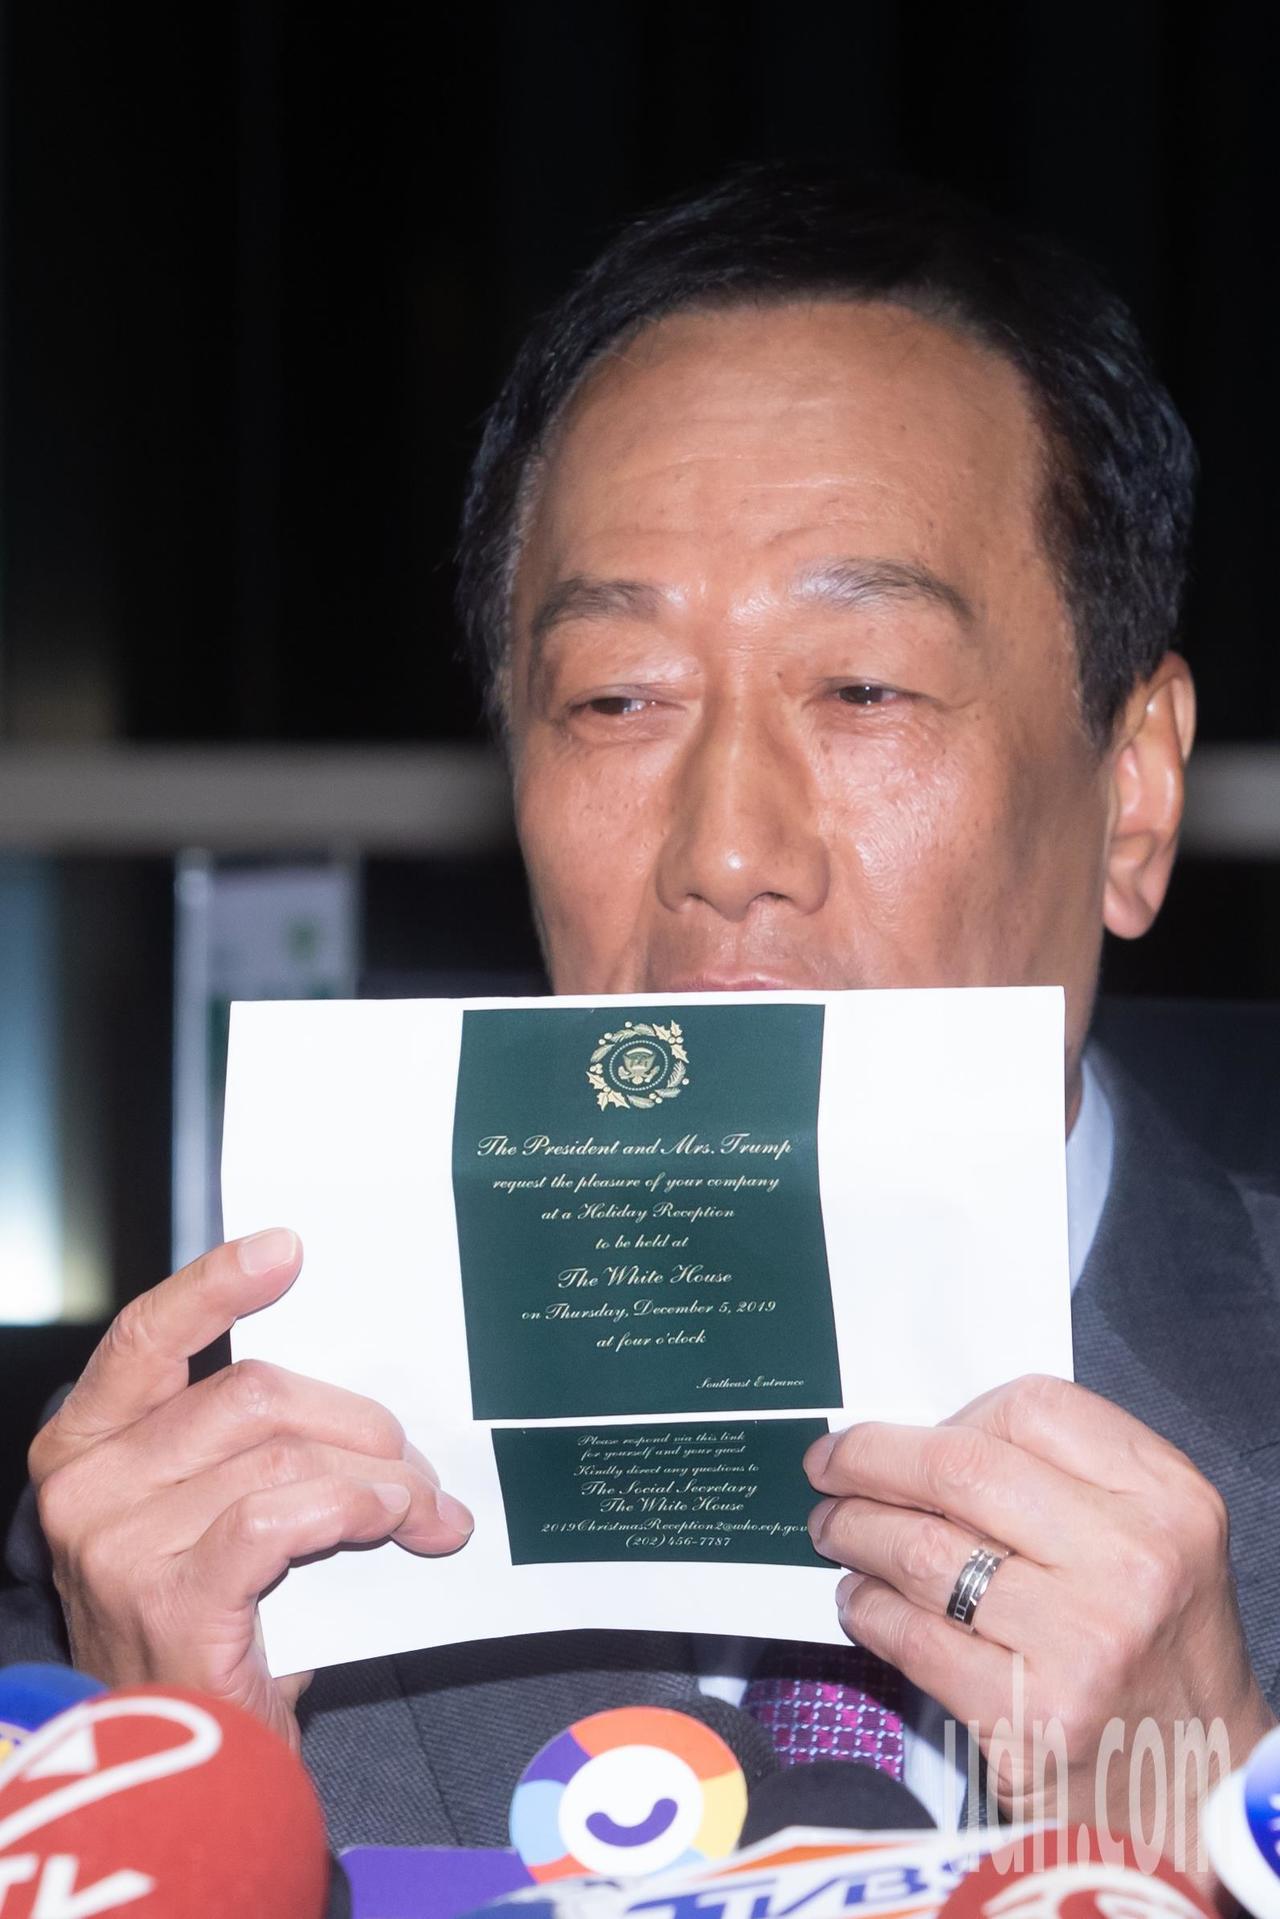 鴻海創辦人郭台銘今天下午舉行訪美行前記者會,記者會上拿出白宮發出邀請參加聖誕派對...